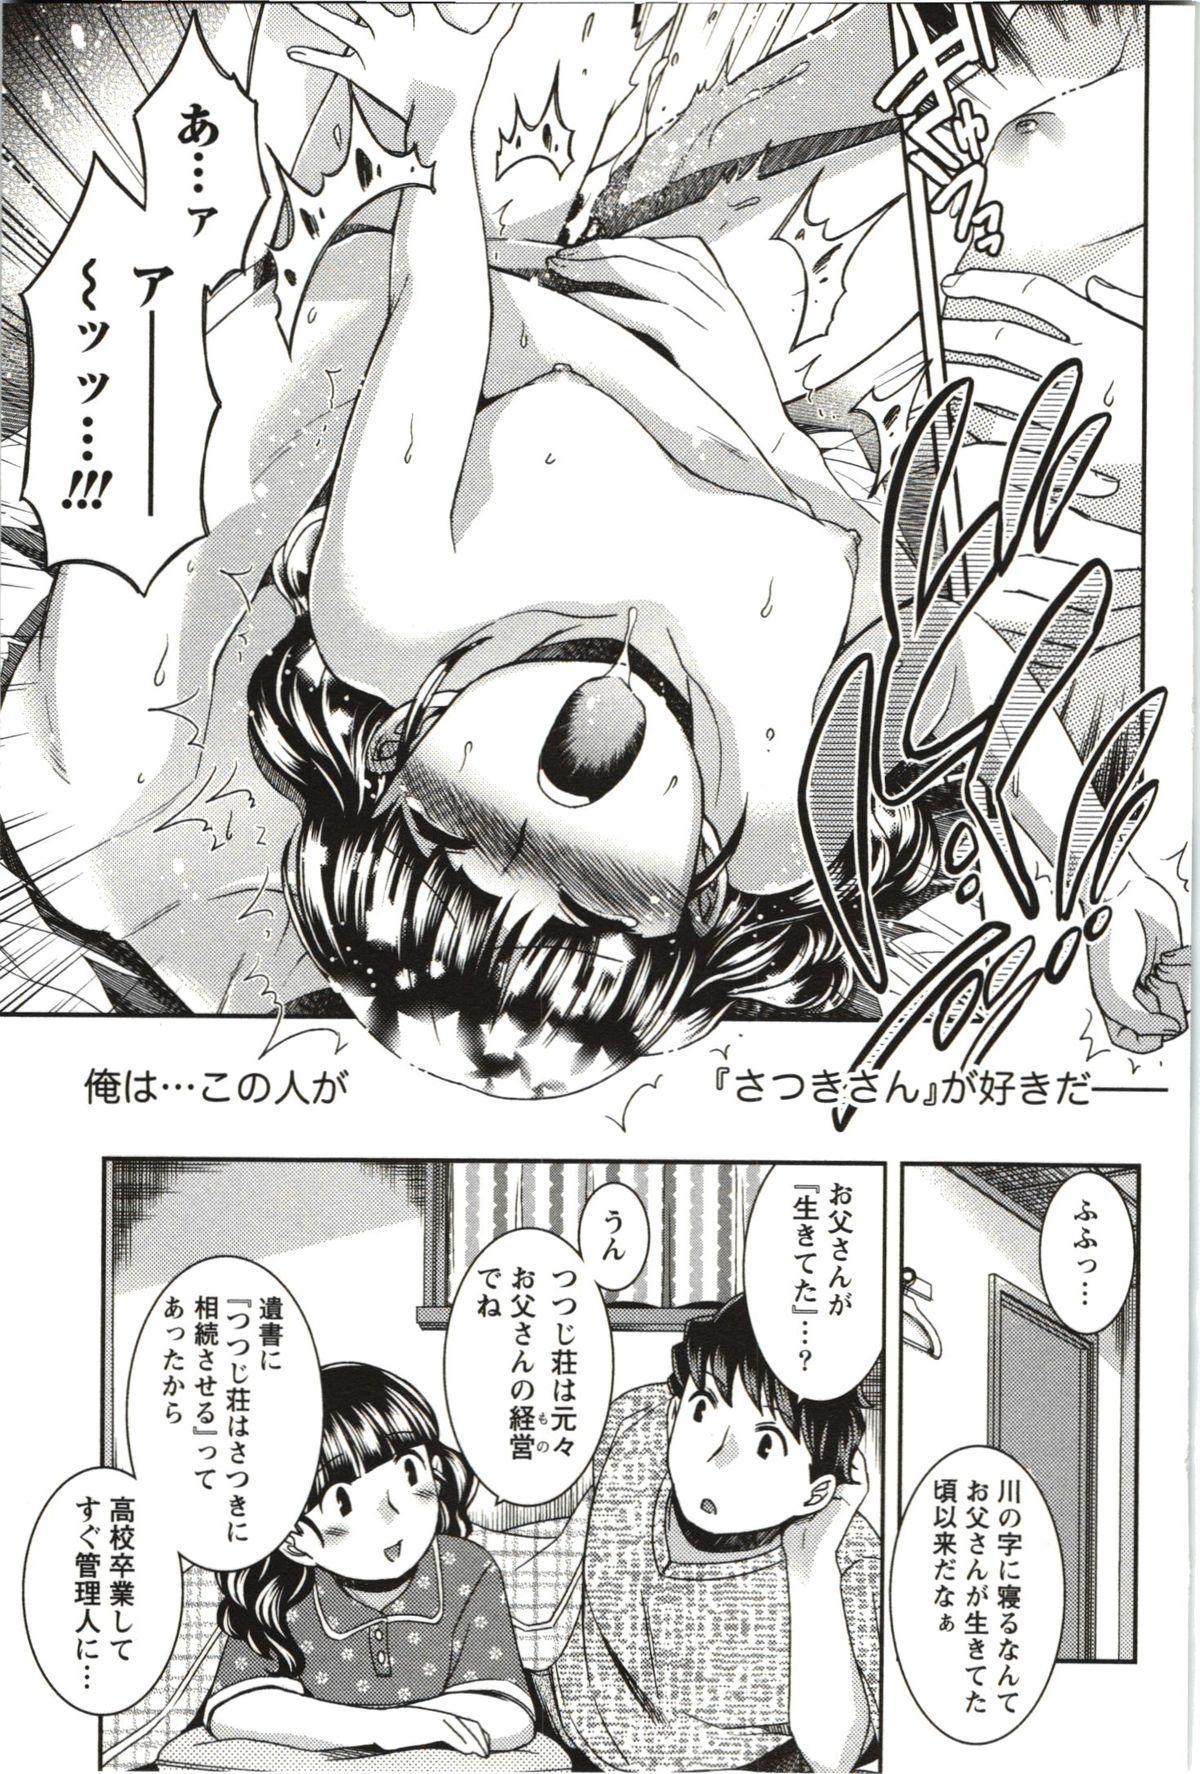 Tsutsujisou no ■■ na Hitobito 127